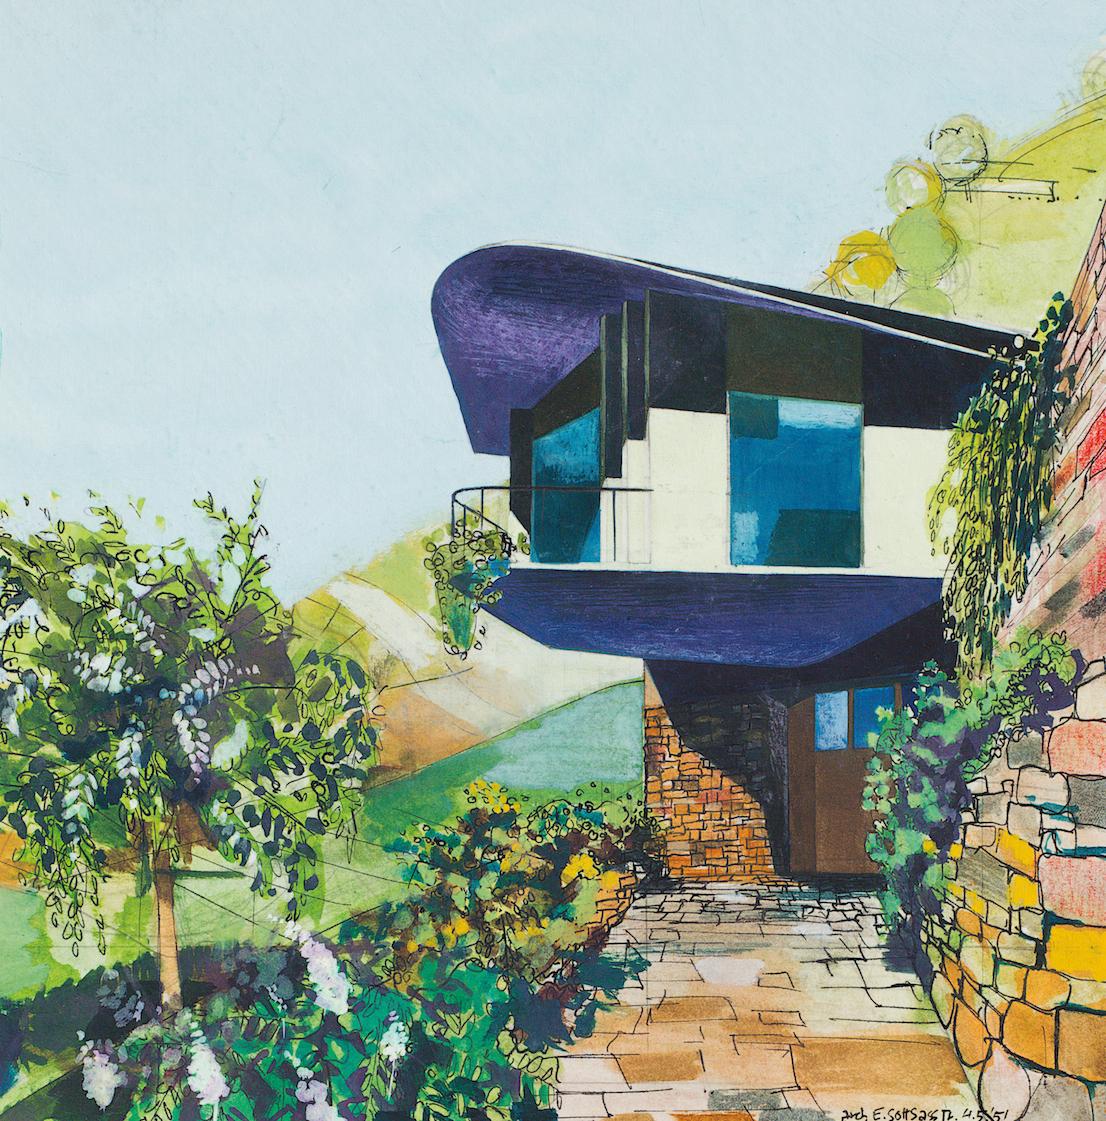 Studio per Villa Lora Totino, Torino, 1951. Courtesy Archivio Ettore Sottsass.